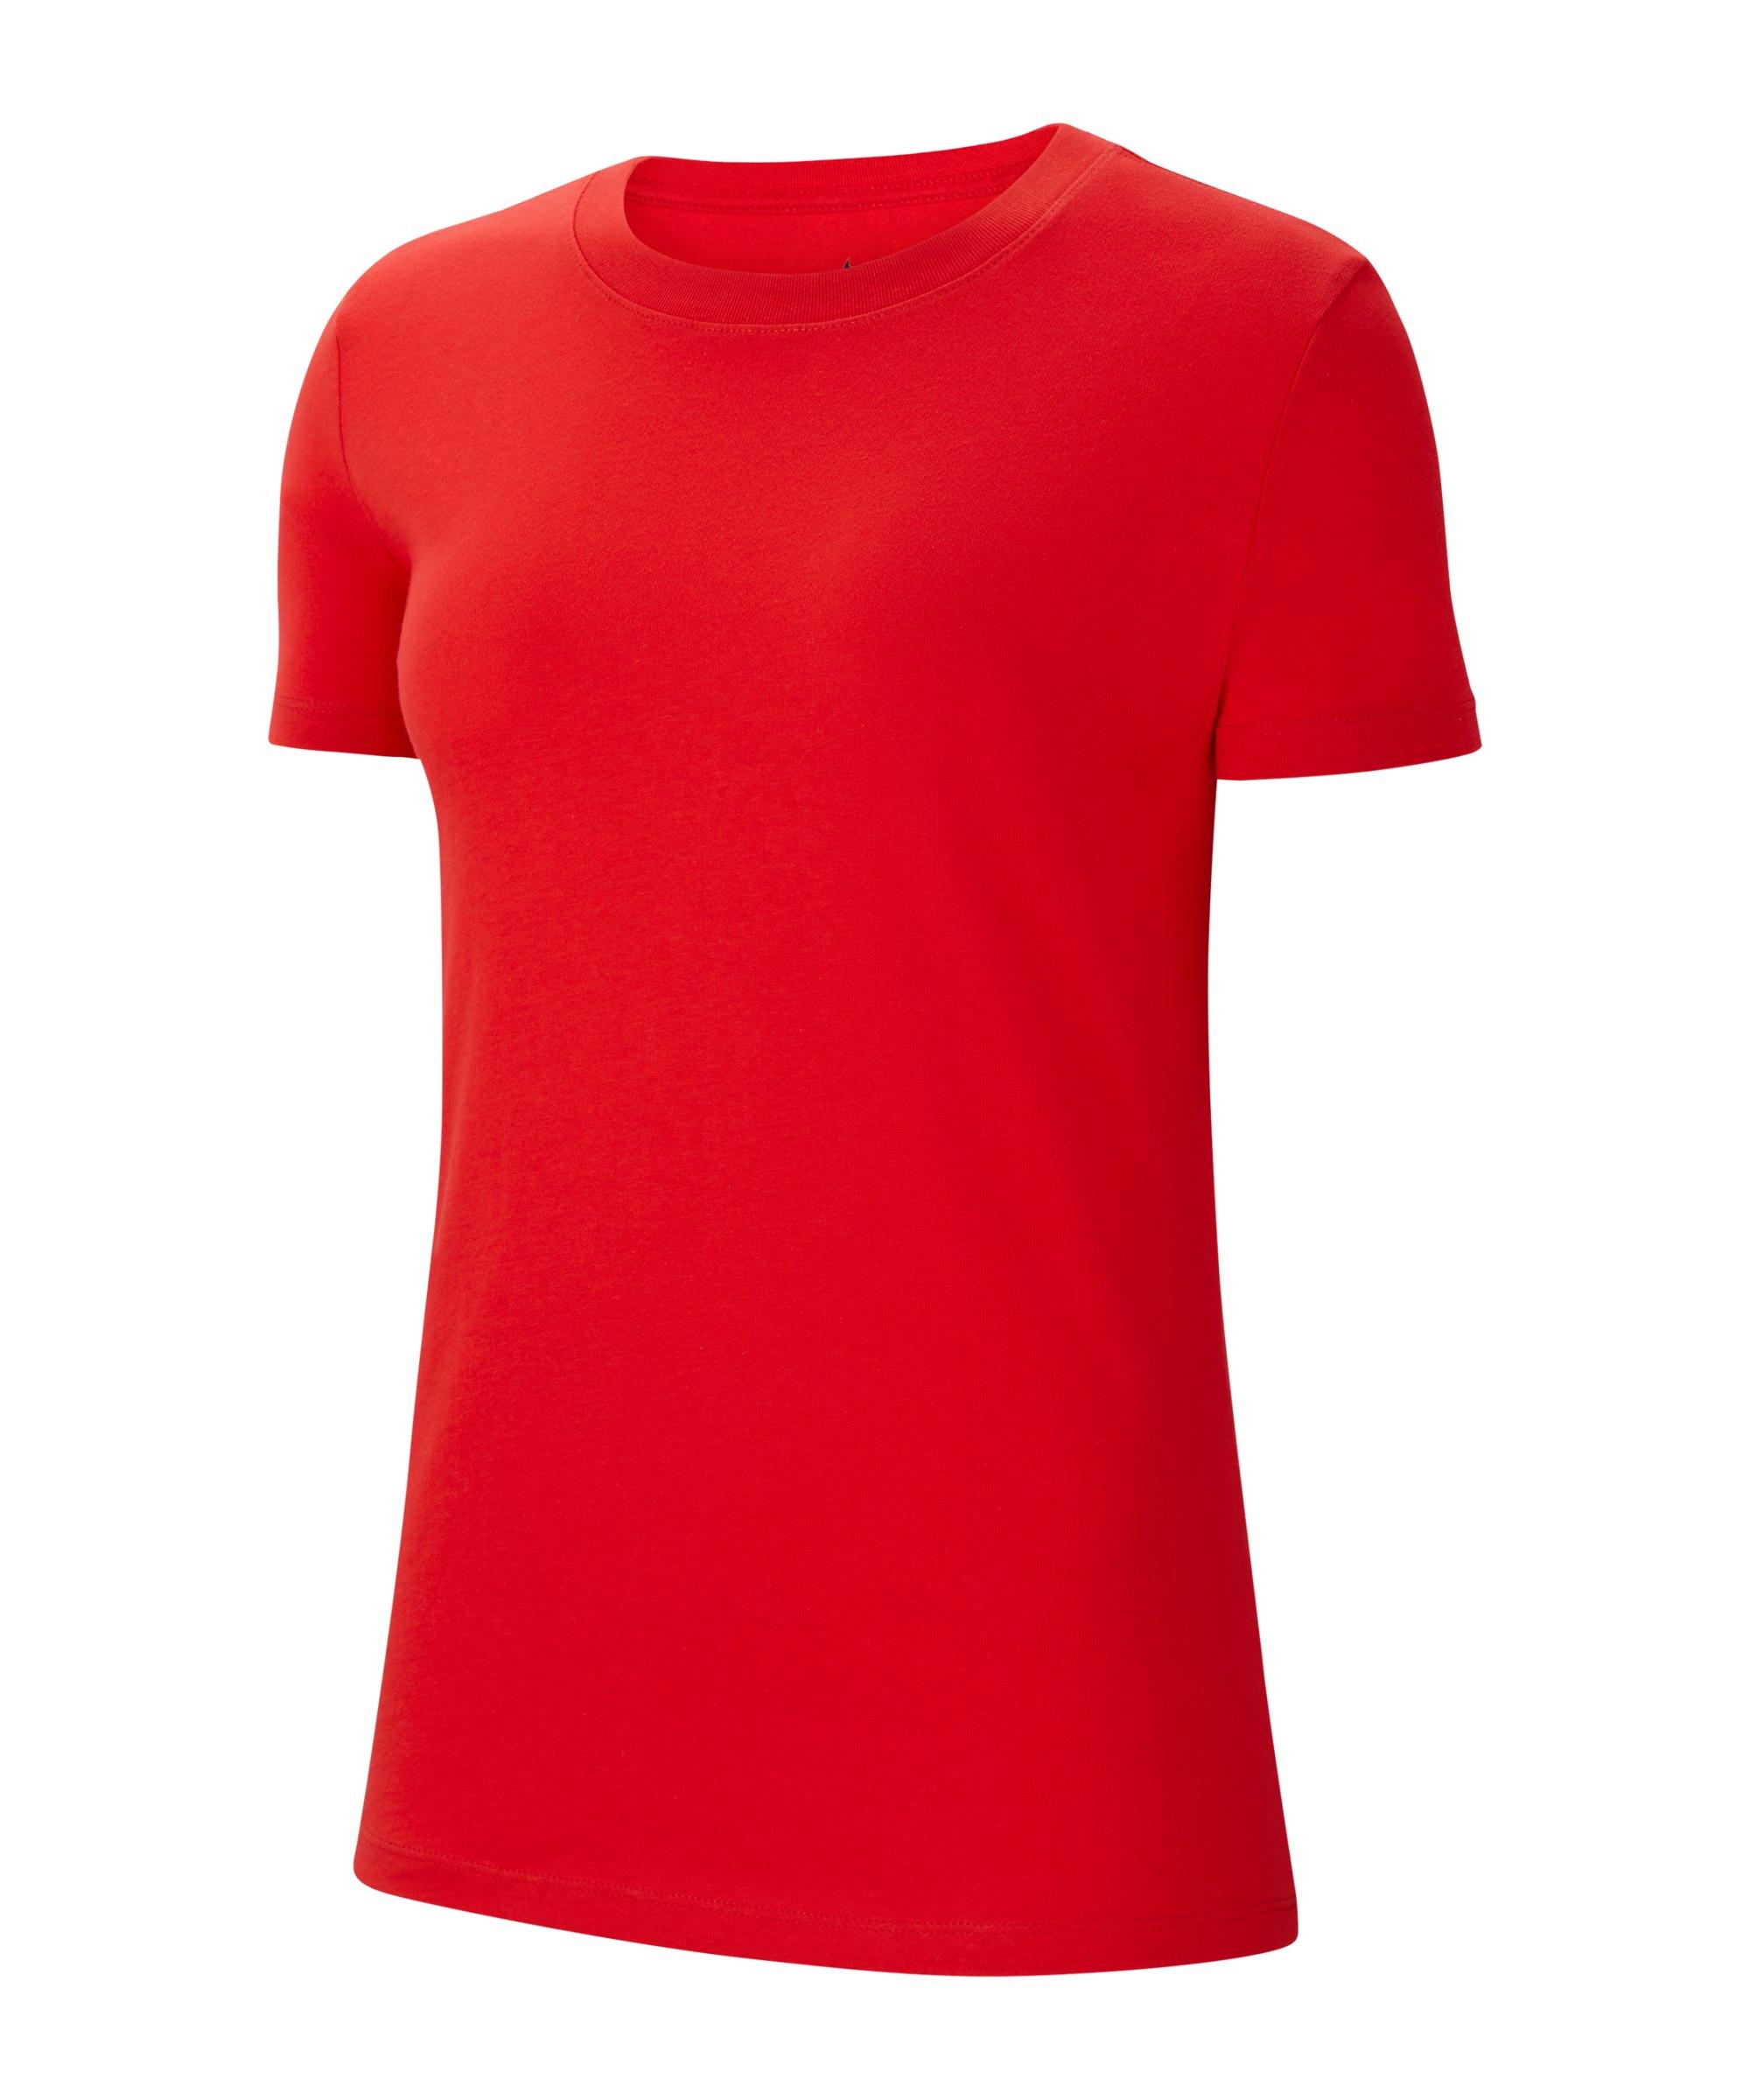 Nike Park 20 T-Shirt Damen Rot Weiss F657 - rot